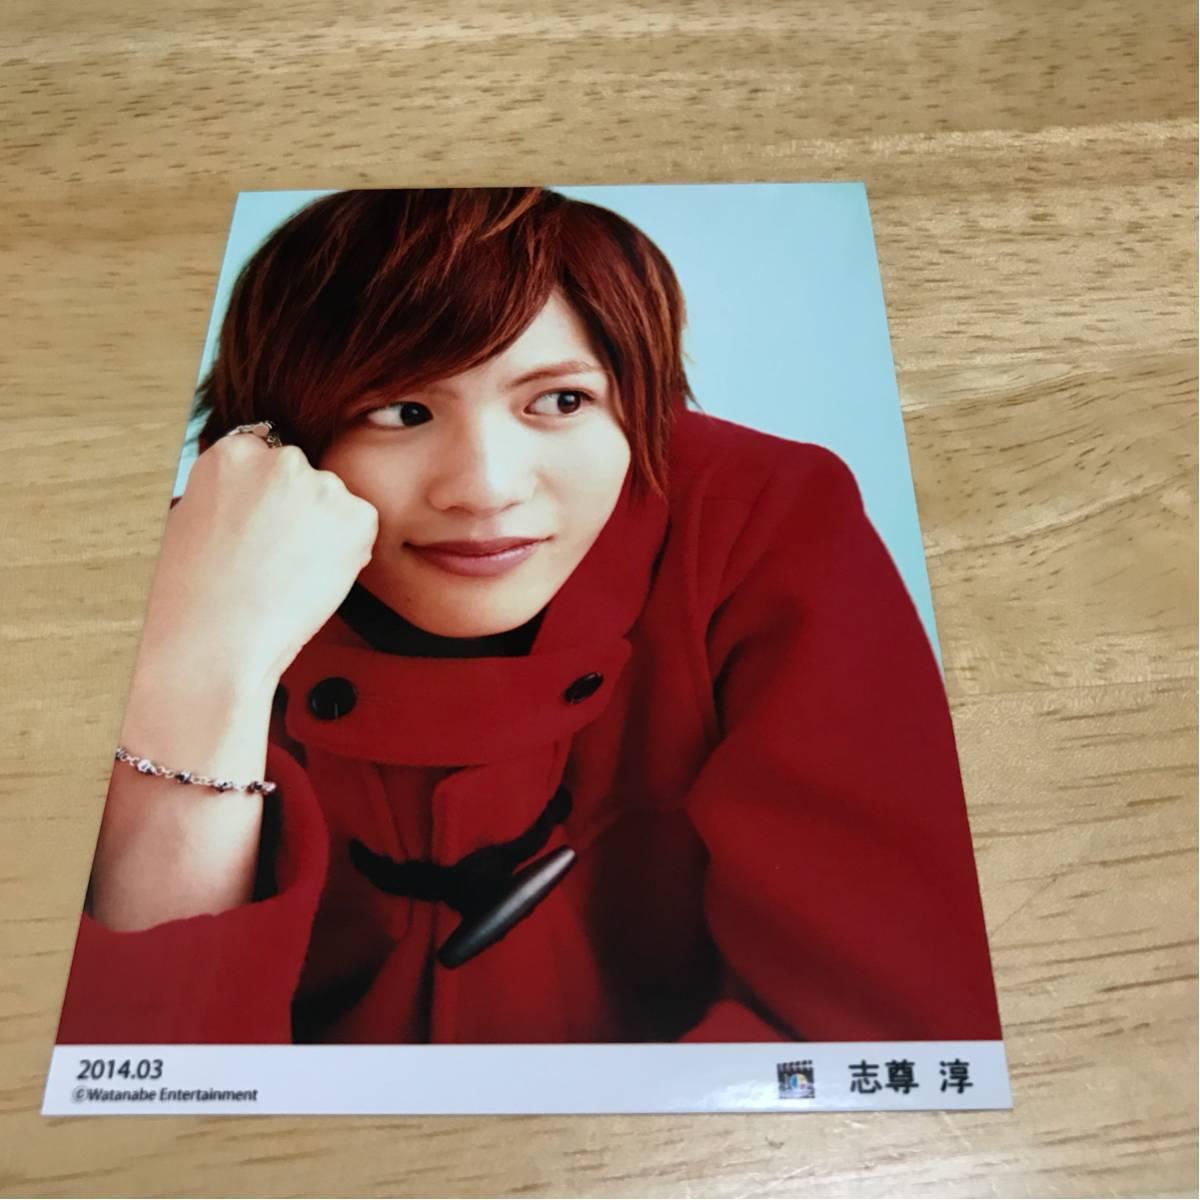 志尊淳 ブロマイド D2 2014 3月 限定品 写真 ①